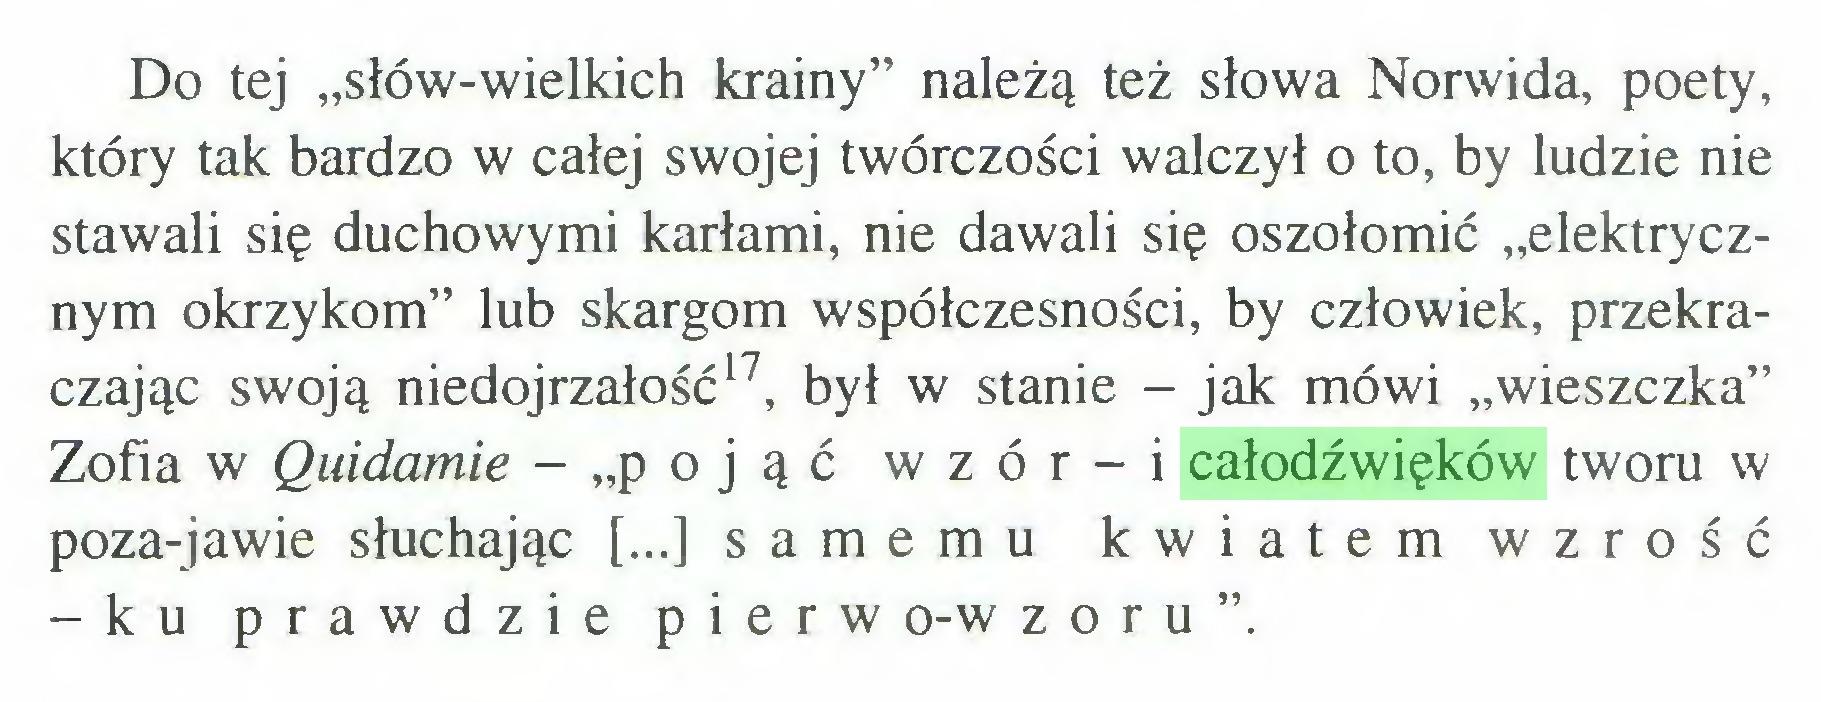 """(...) Do tej """"słów-wielkich krainy"""" należą też słowa Norwida, poety, który tak bardzo w całej swojej twórczości walczył o to, by ludzie nie stawali się duchowymi karłami, nie dawali się oszołomić """"elektrycznym okrzykom"""" lub skargom współczesności, by człowiek, przekraczając swoją niedojrzałość17, był w stanie - jak mówi """"wieszczka"""" Zofia w Quidamie - """"pojąć wzór-i całodźwięków tworu w poza-jawie słuchając [...] samemu kwiatem wzróść -ku prawdzie pierw o-w z o r u """"..."""